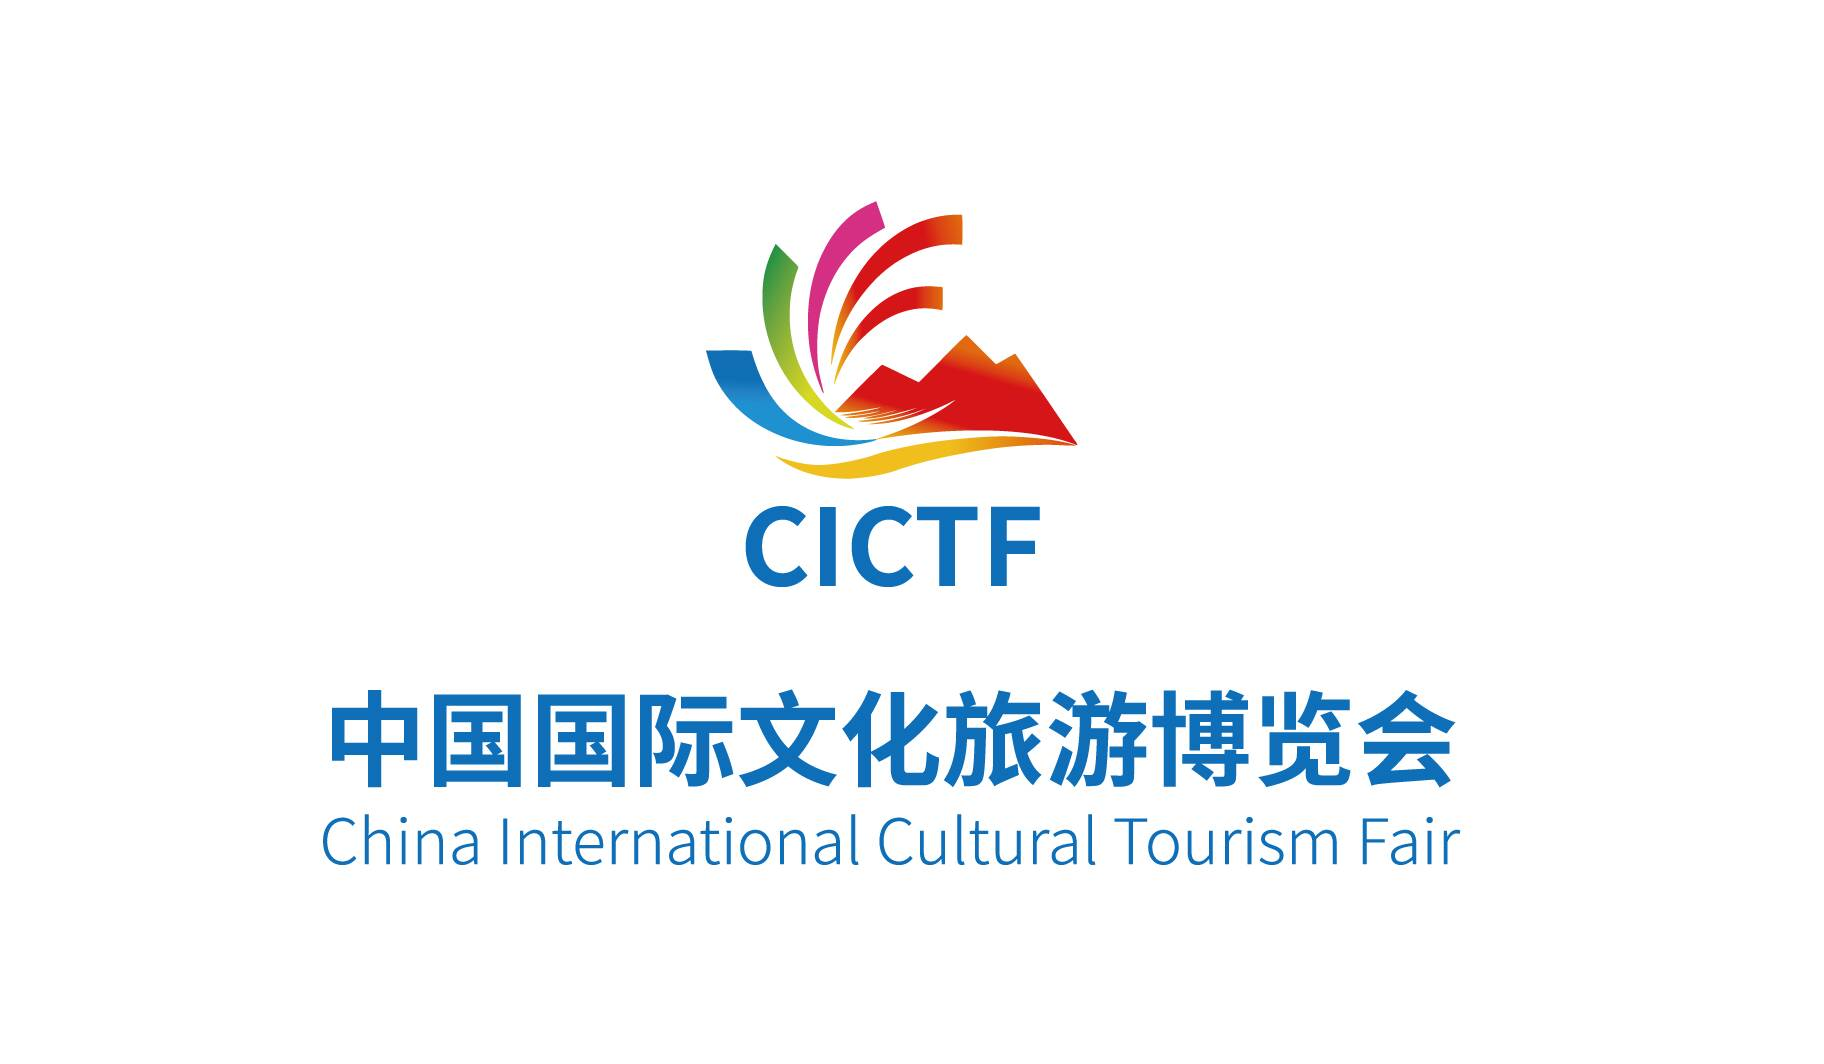 蓝绿主色调再升级 第二届中国国际文化旅游博览会形象设计出炉